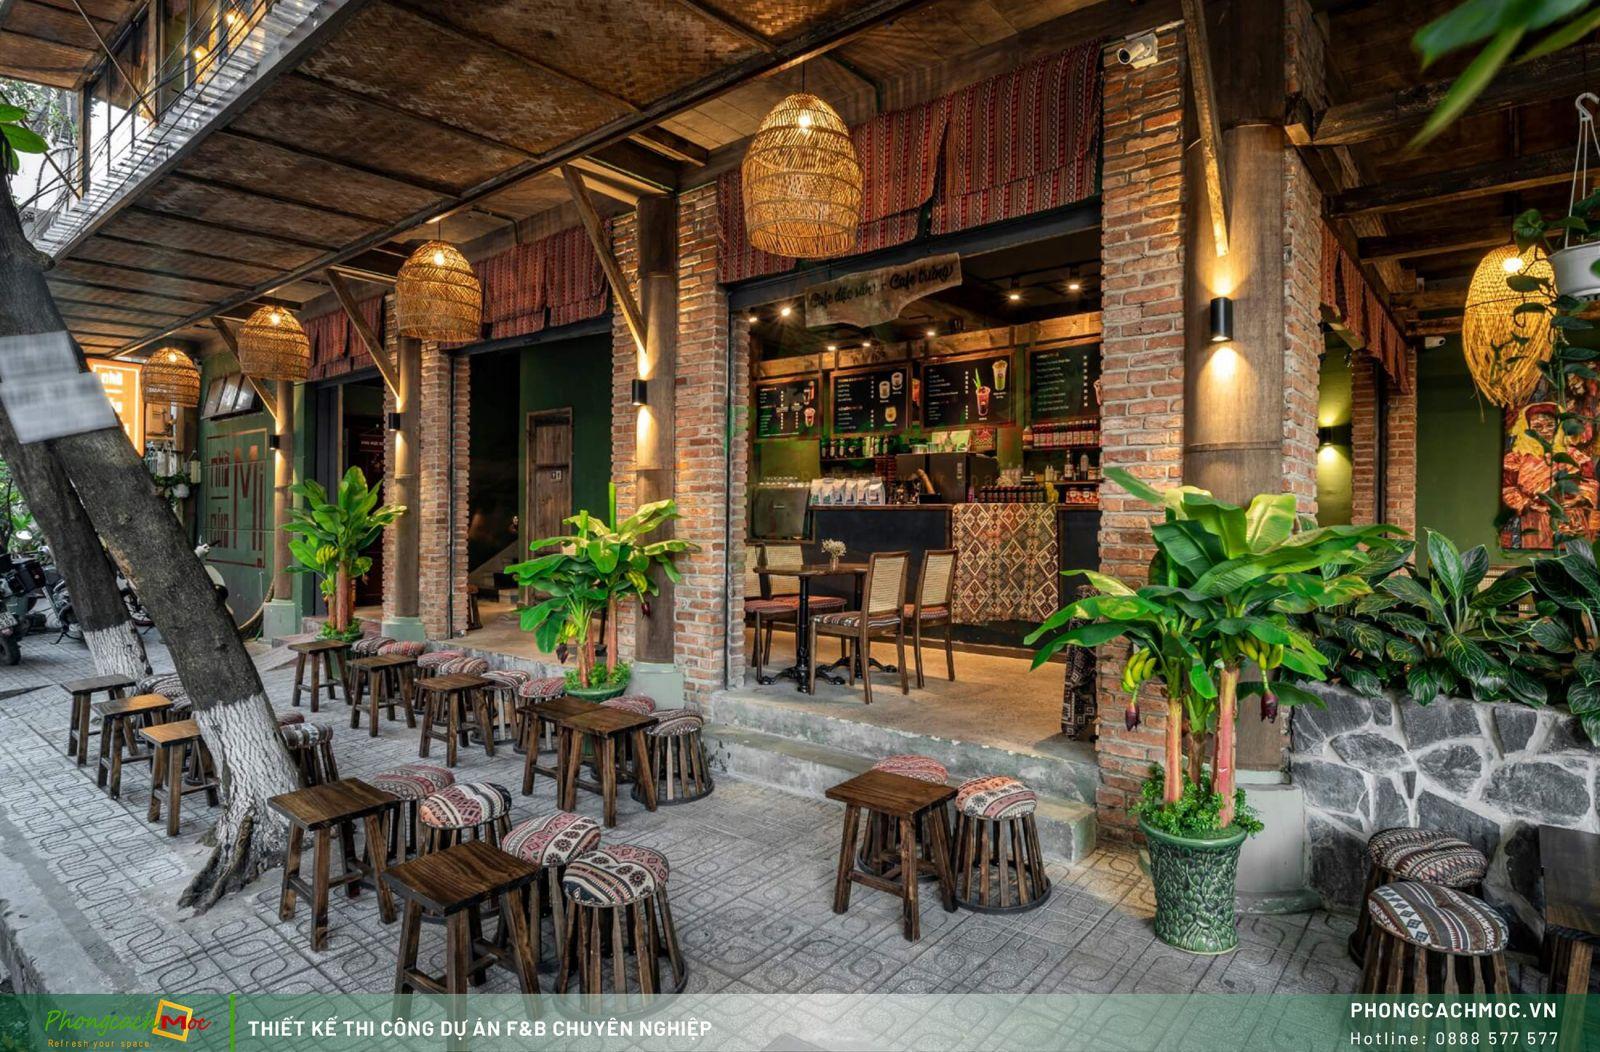 Dự án quán cafe Nhà Của Mị - Hồ Chí Minh